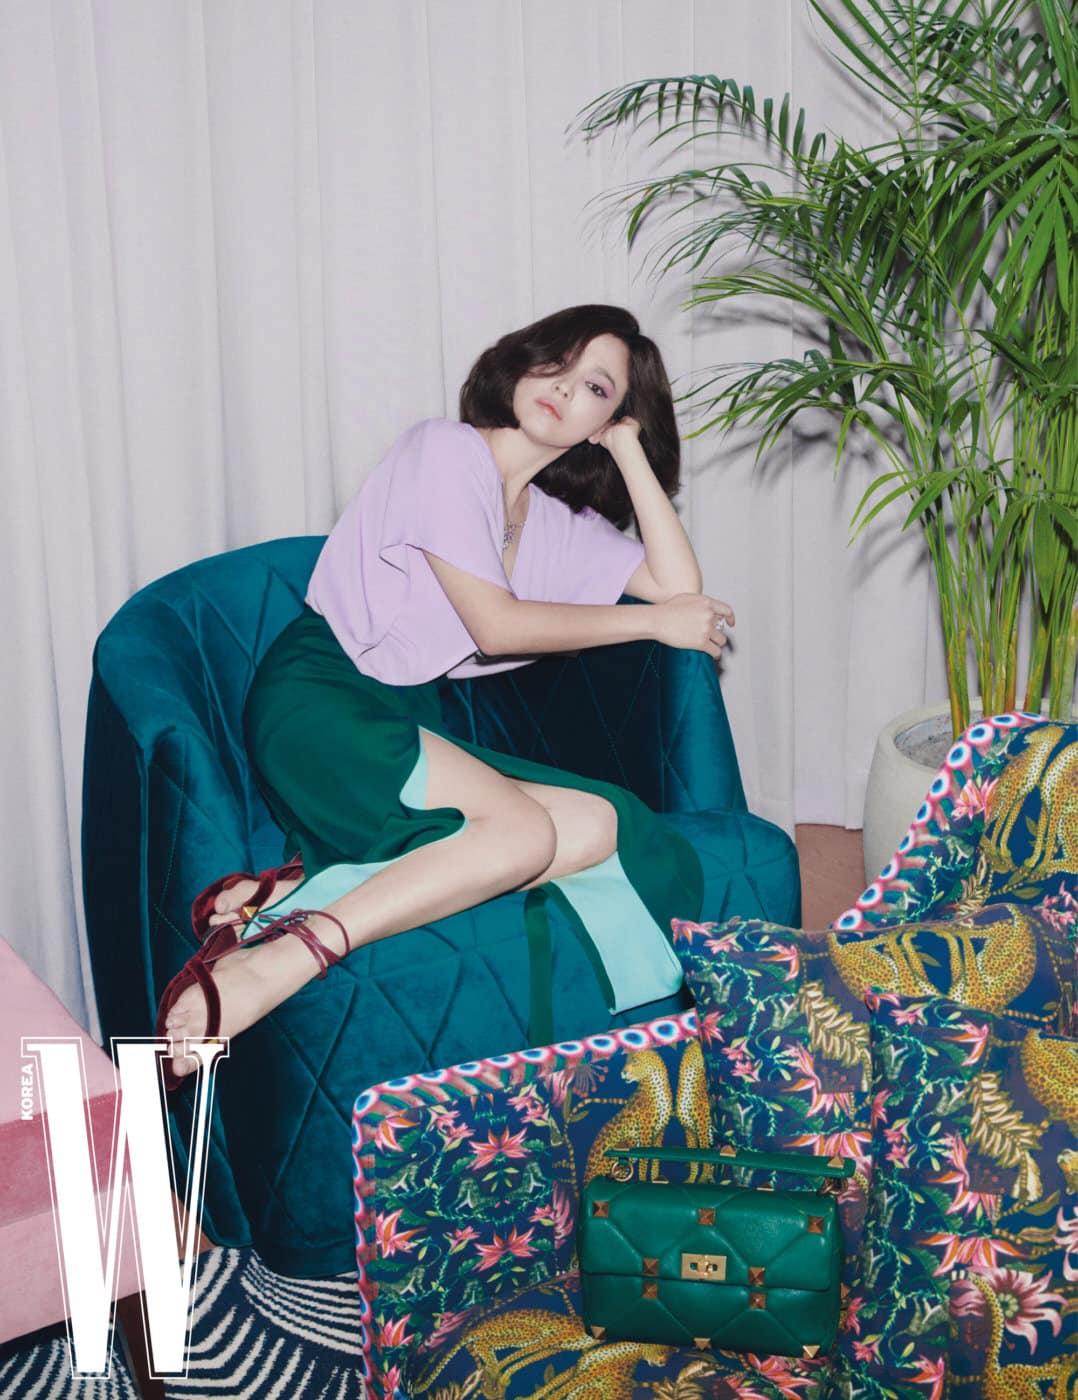 Bài phỏng vấn gây sốt của Song Hye Kyo: Lần đầu công khai nói về cuộc sống hậu ly hôn, dũng cảm nhắc tới tình yêu sau khi Song Joong Ki rời đi-8